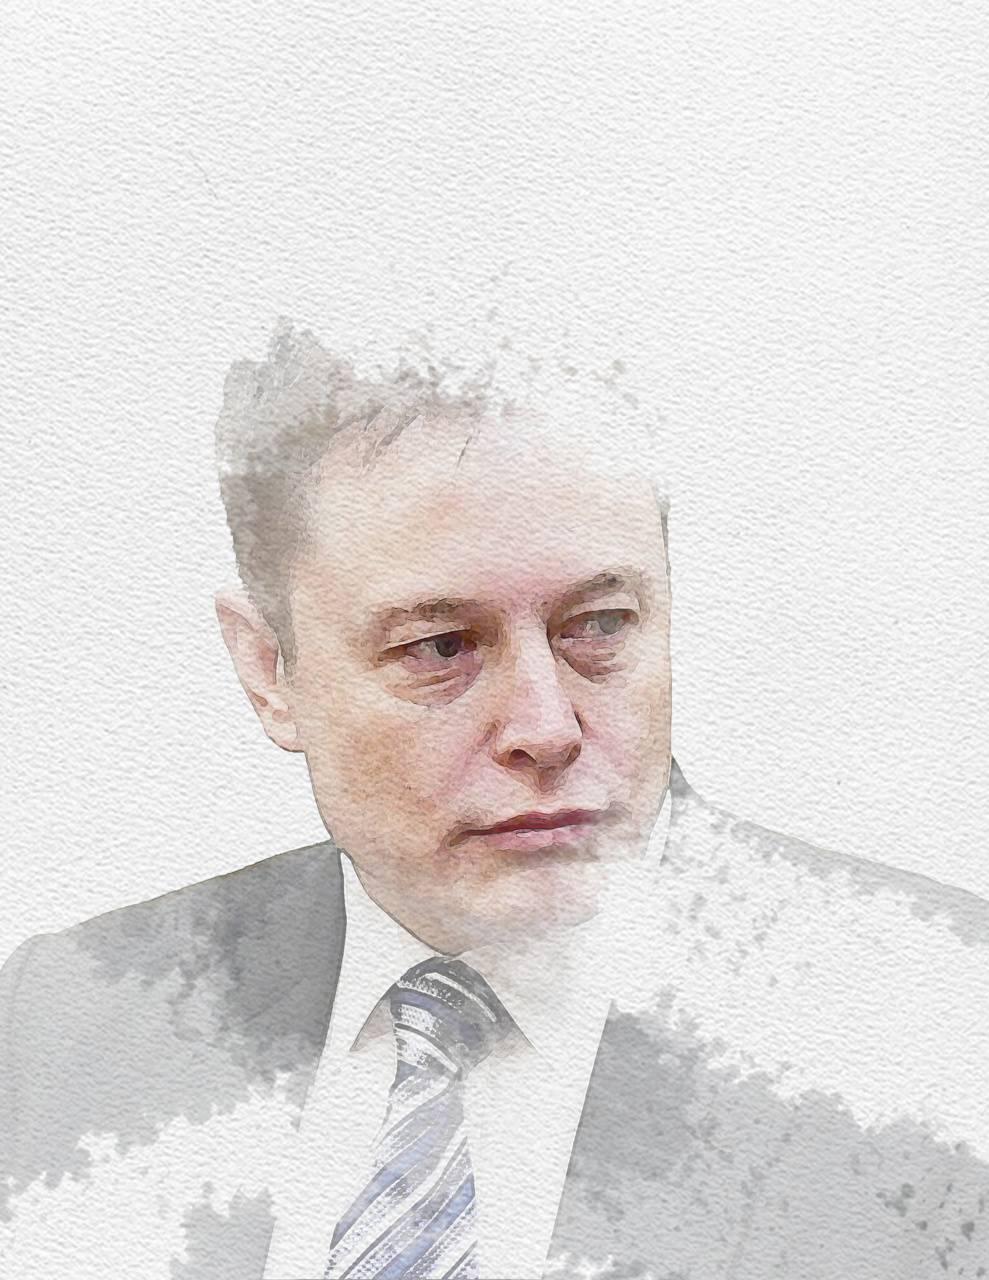 Elon Musk Watercolor Wallpaper By Jodankinsins 54 Free